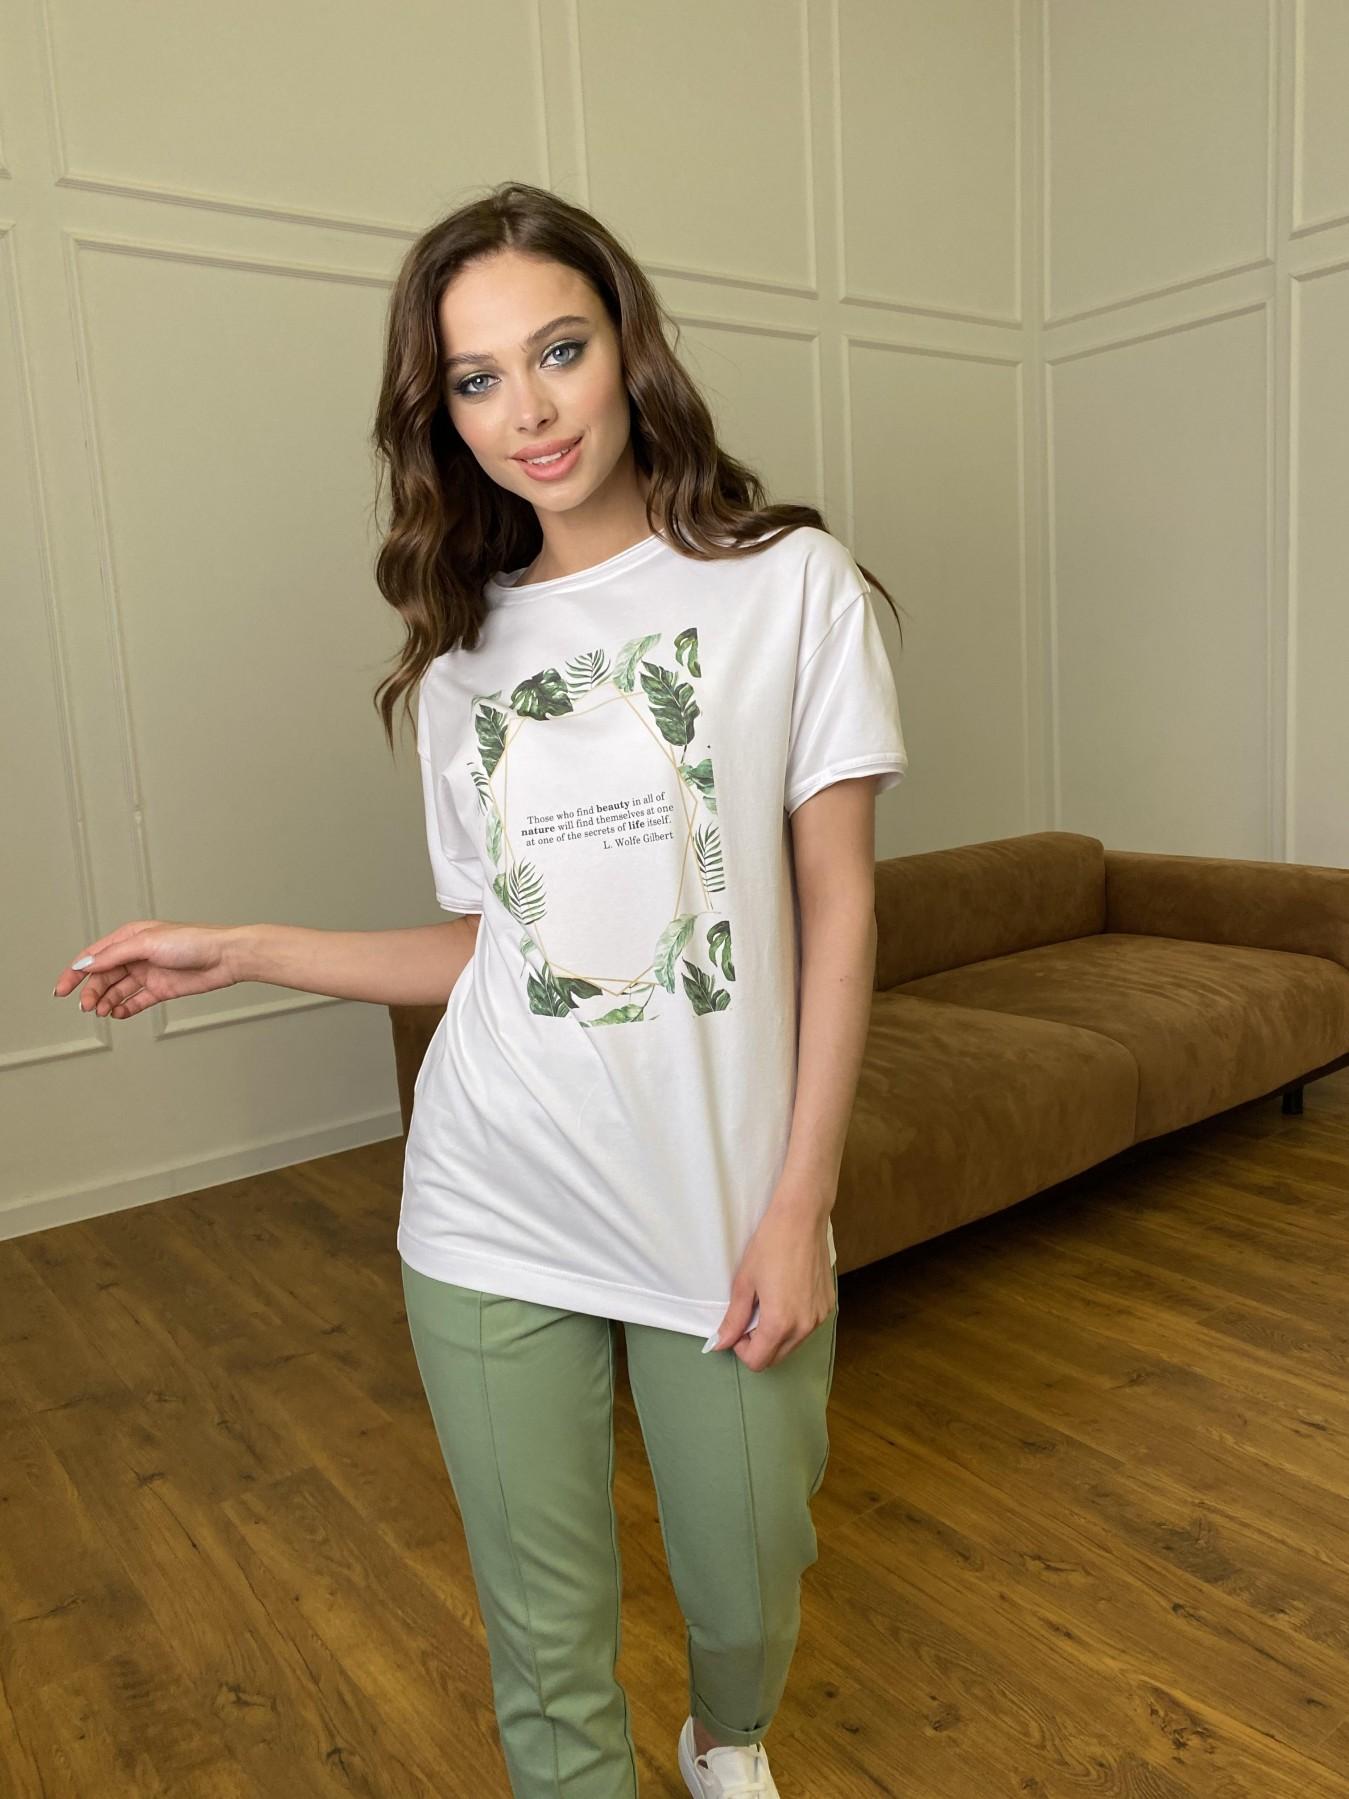 Тропик футболка из вискозы однотонная хлопок 11240 АРТ. 47761 Цвет: Белый - фото 5, интернет магазин tm-modus.ru